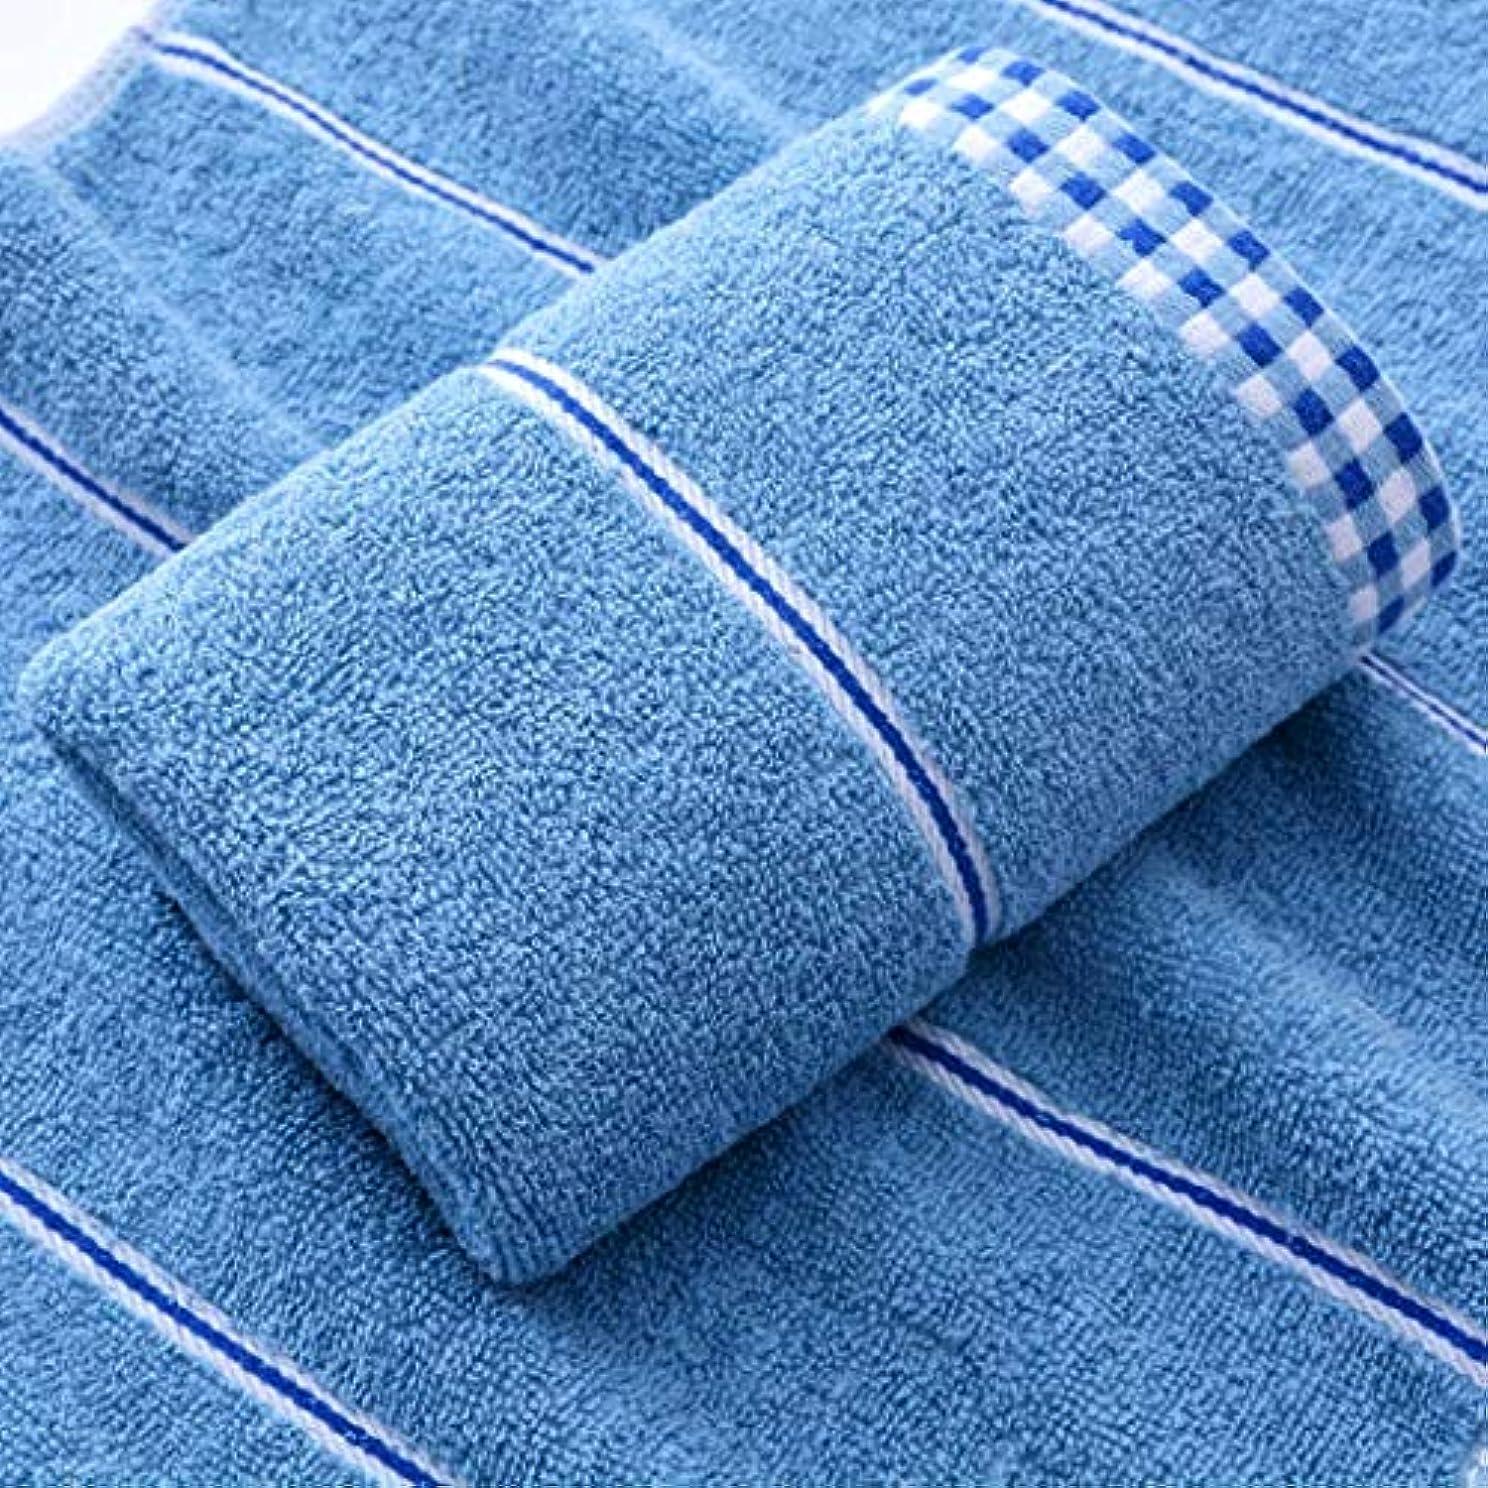 住むソビエト関連付けるファッション高級スーパーソフトコットンタオルと速乾性タオル,Blue,33*73cm